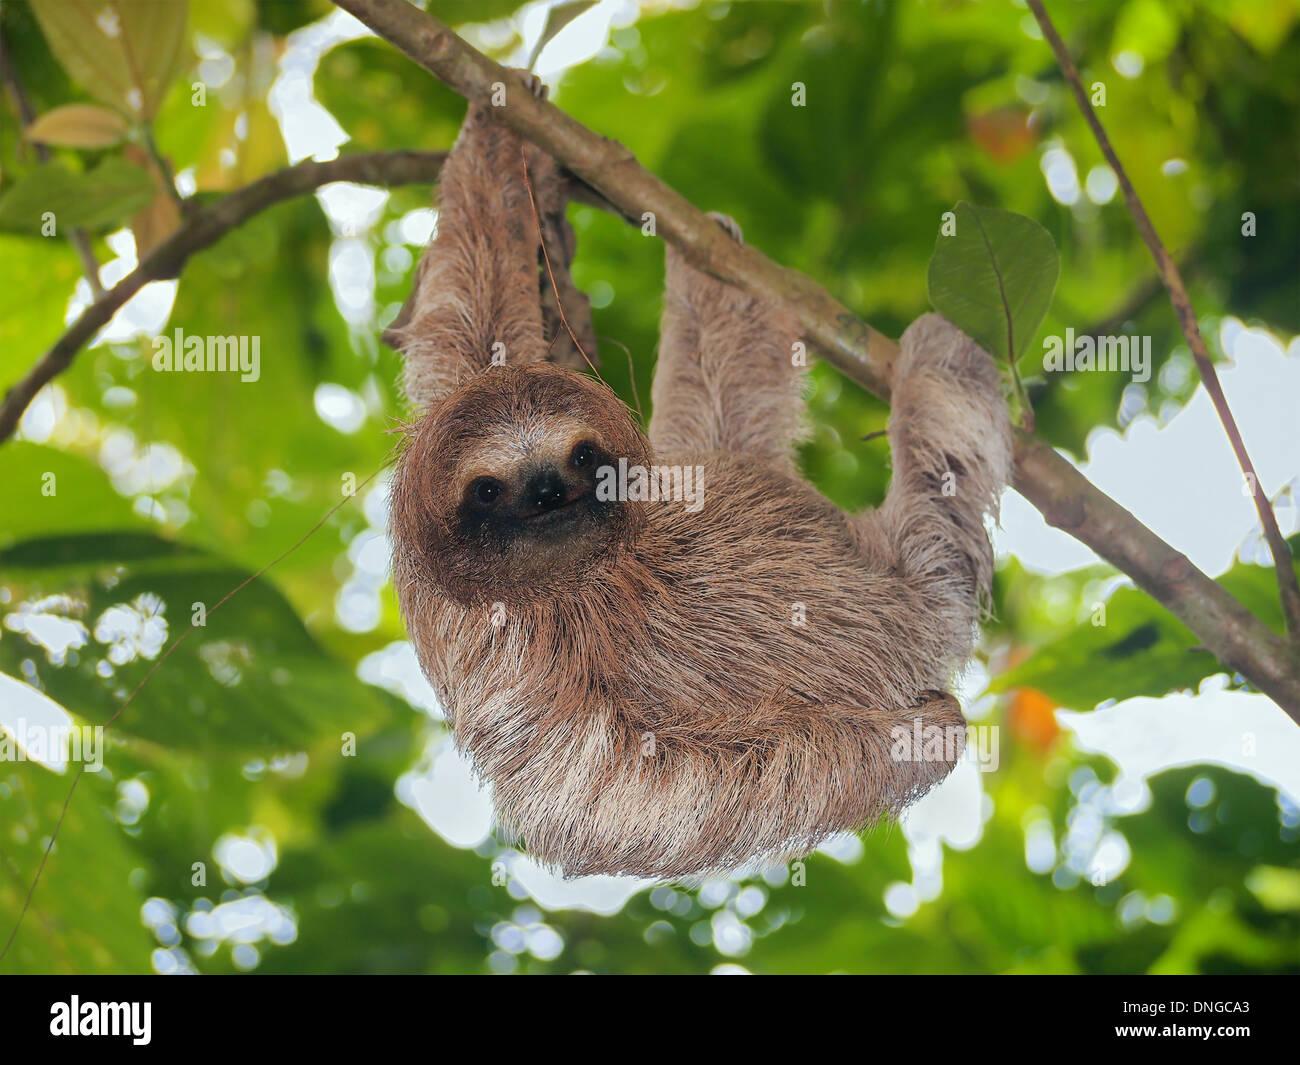 Giovani brown throated bradipo appeso a un ramo nella giungla, Bocas del Toro, Panama America Centrale Foto Stock